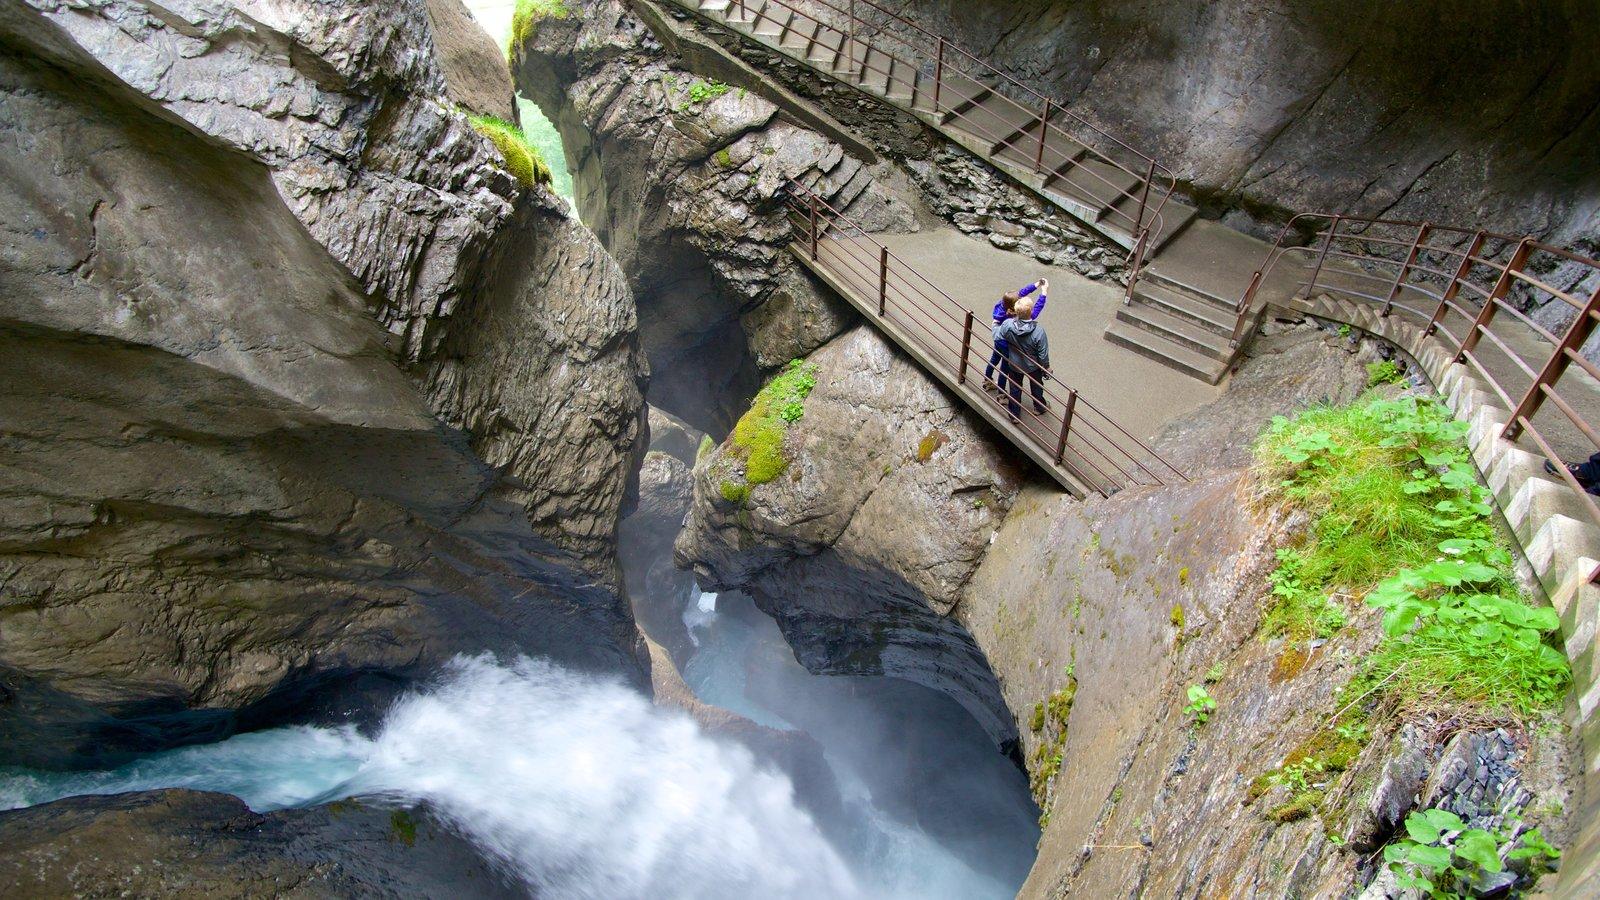 Trummelbach Falls que inclui uma cachoeira, paisagens e um desfiladeiro ou canyon